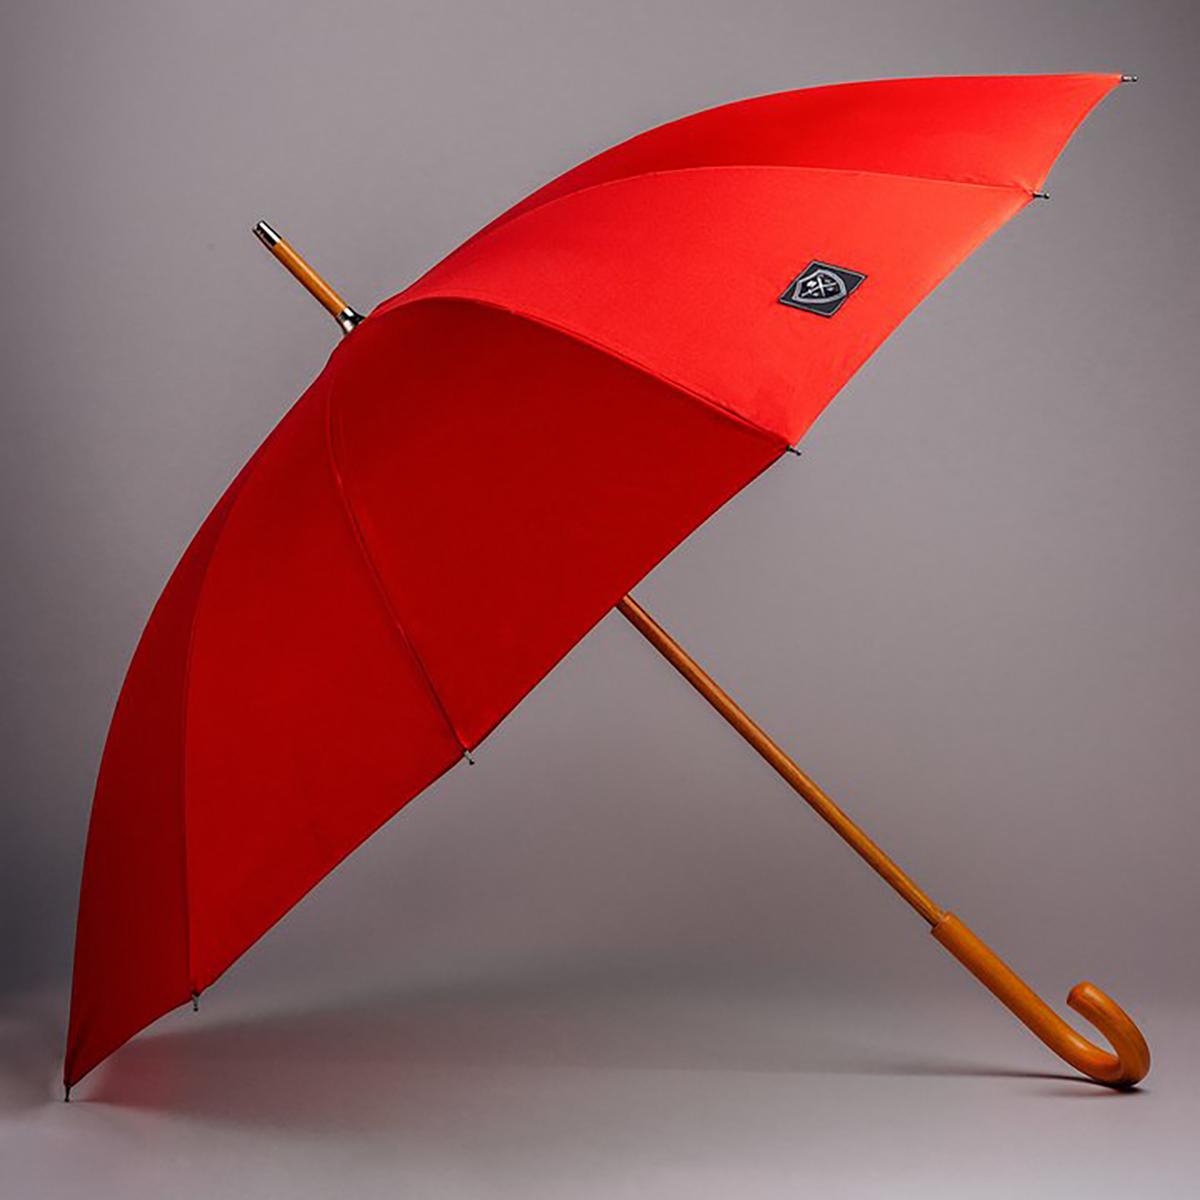 Rain & Son Klassisk Paraply Mörkrött